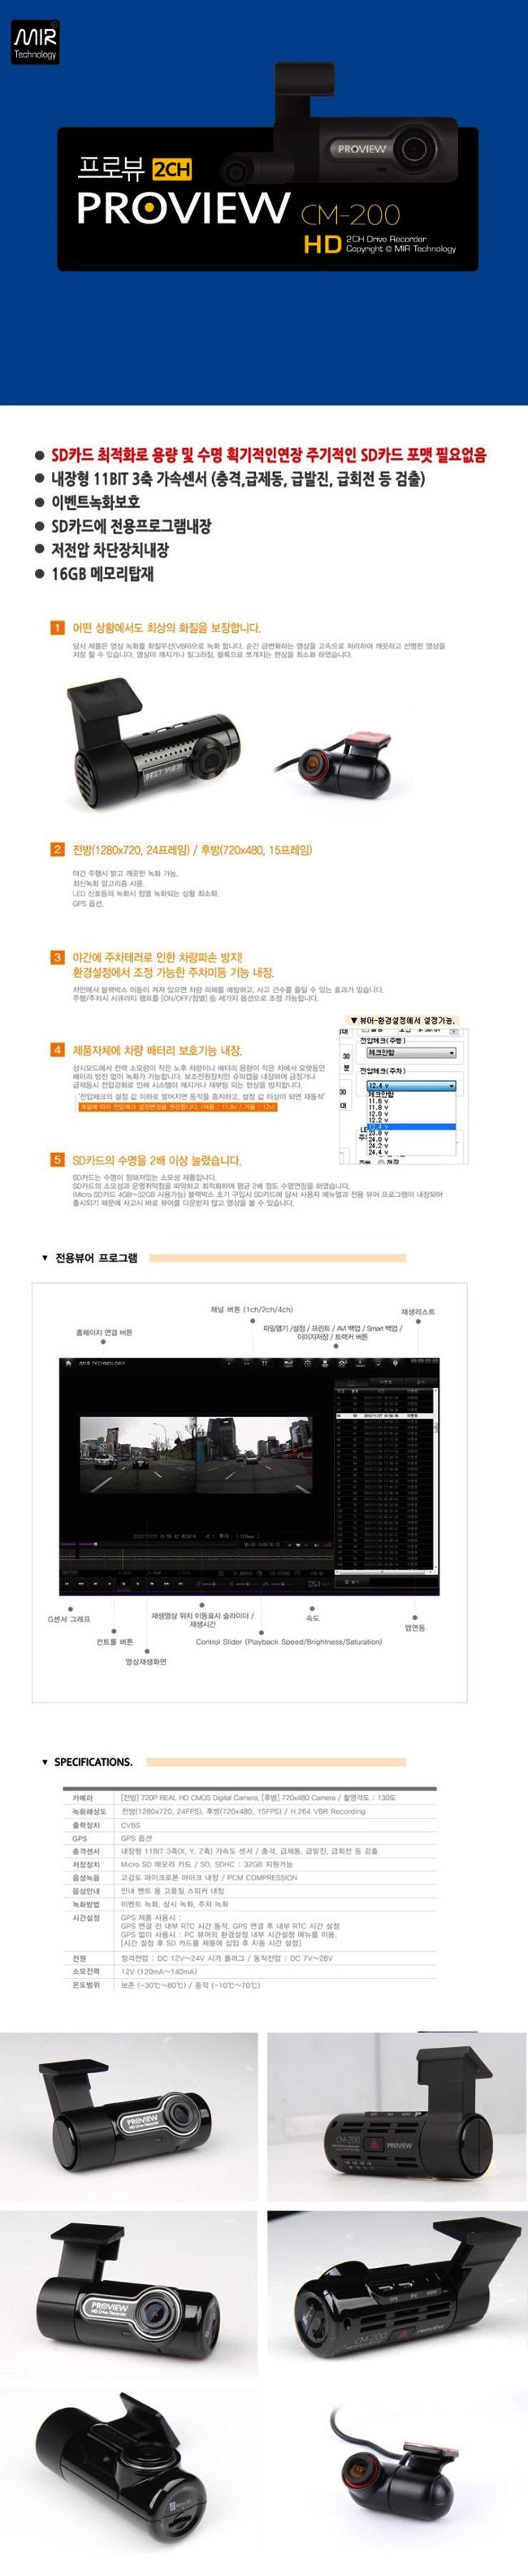 [CSA] 미르테크 프로뷰 전후방 2채널(CM-200), 16G HD 메모리 자동포멧기능